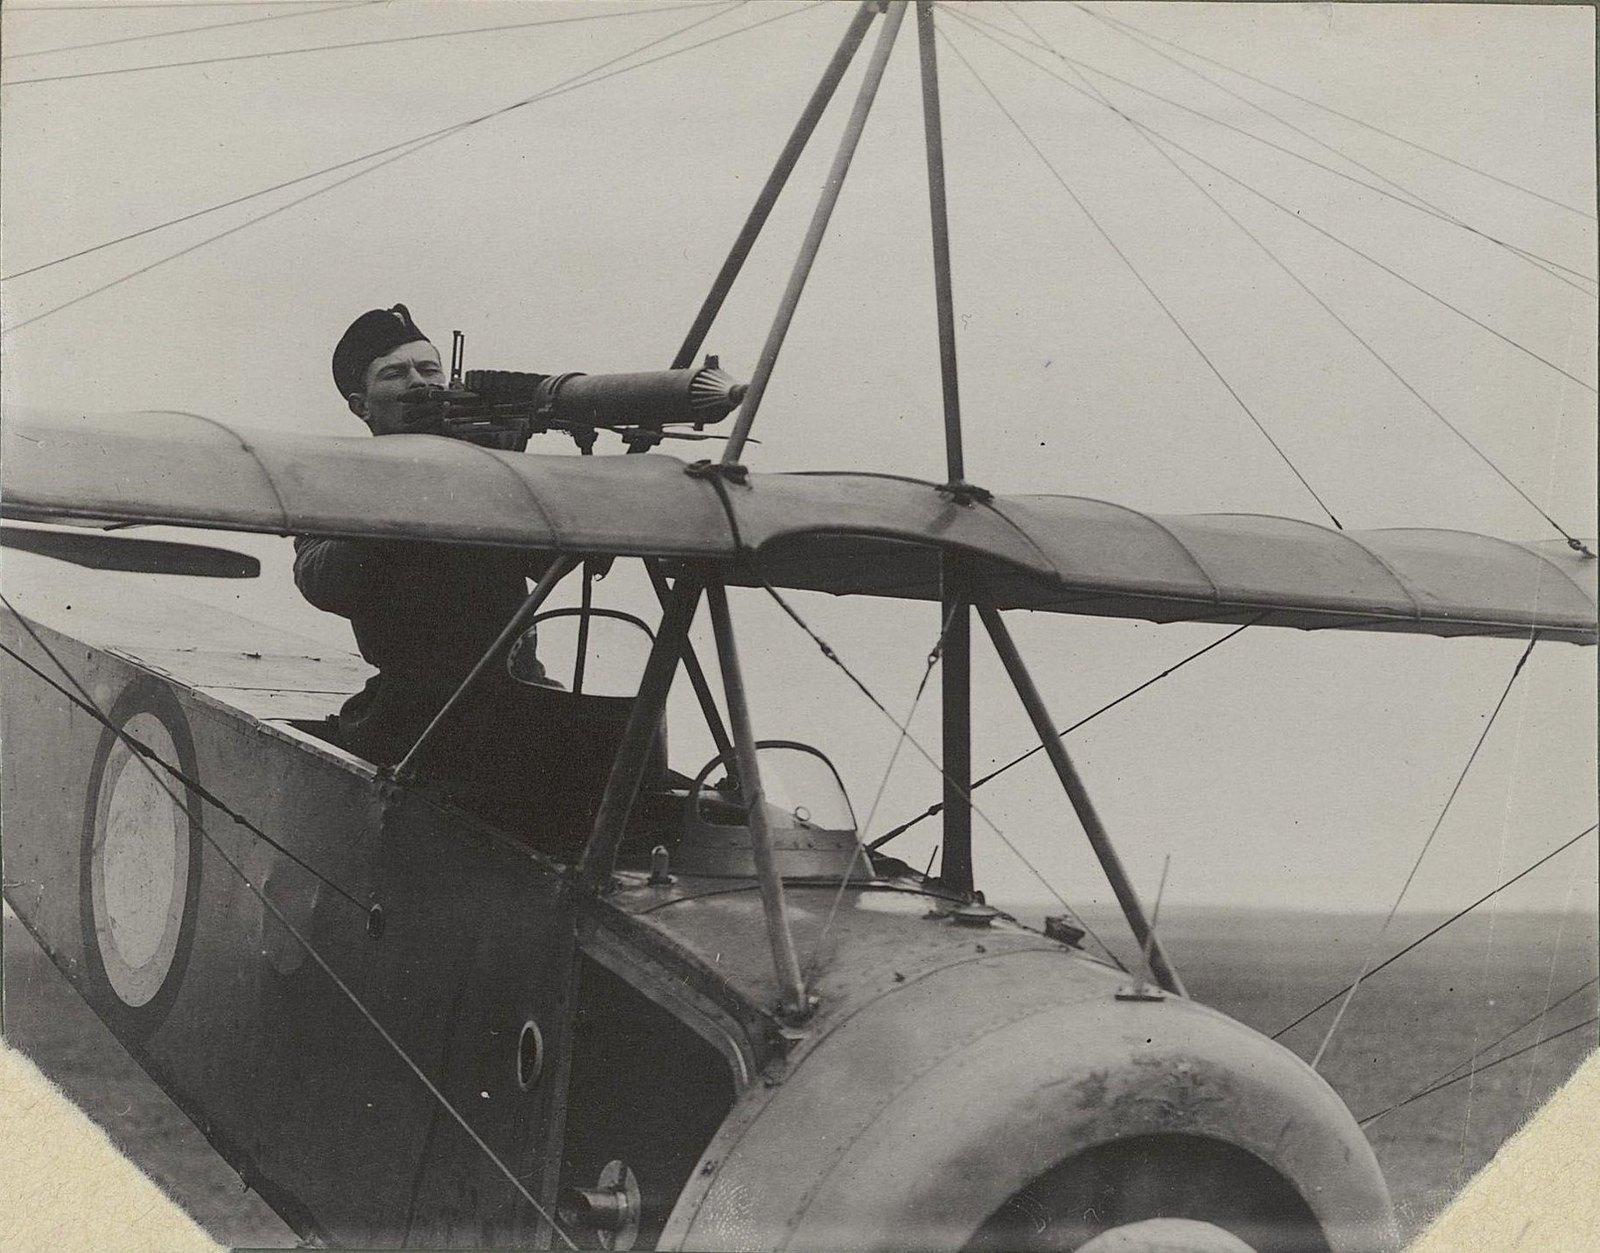 02. Лётчик за пулемётом над крыльями самолёта